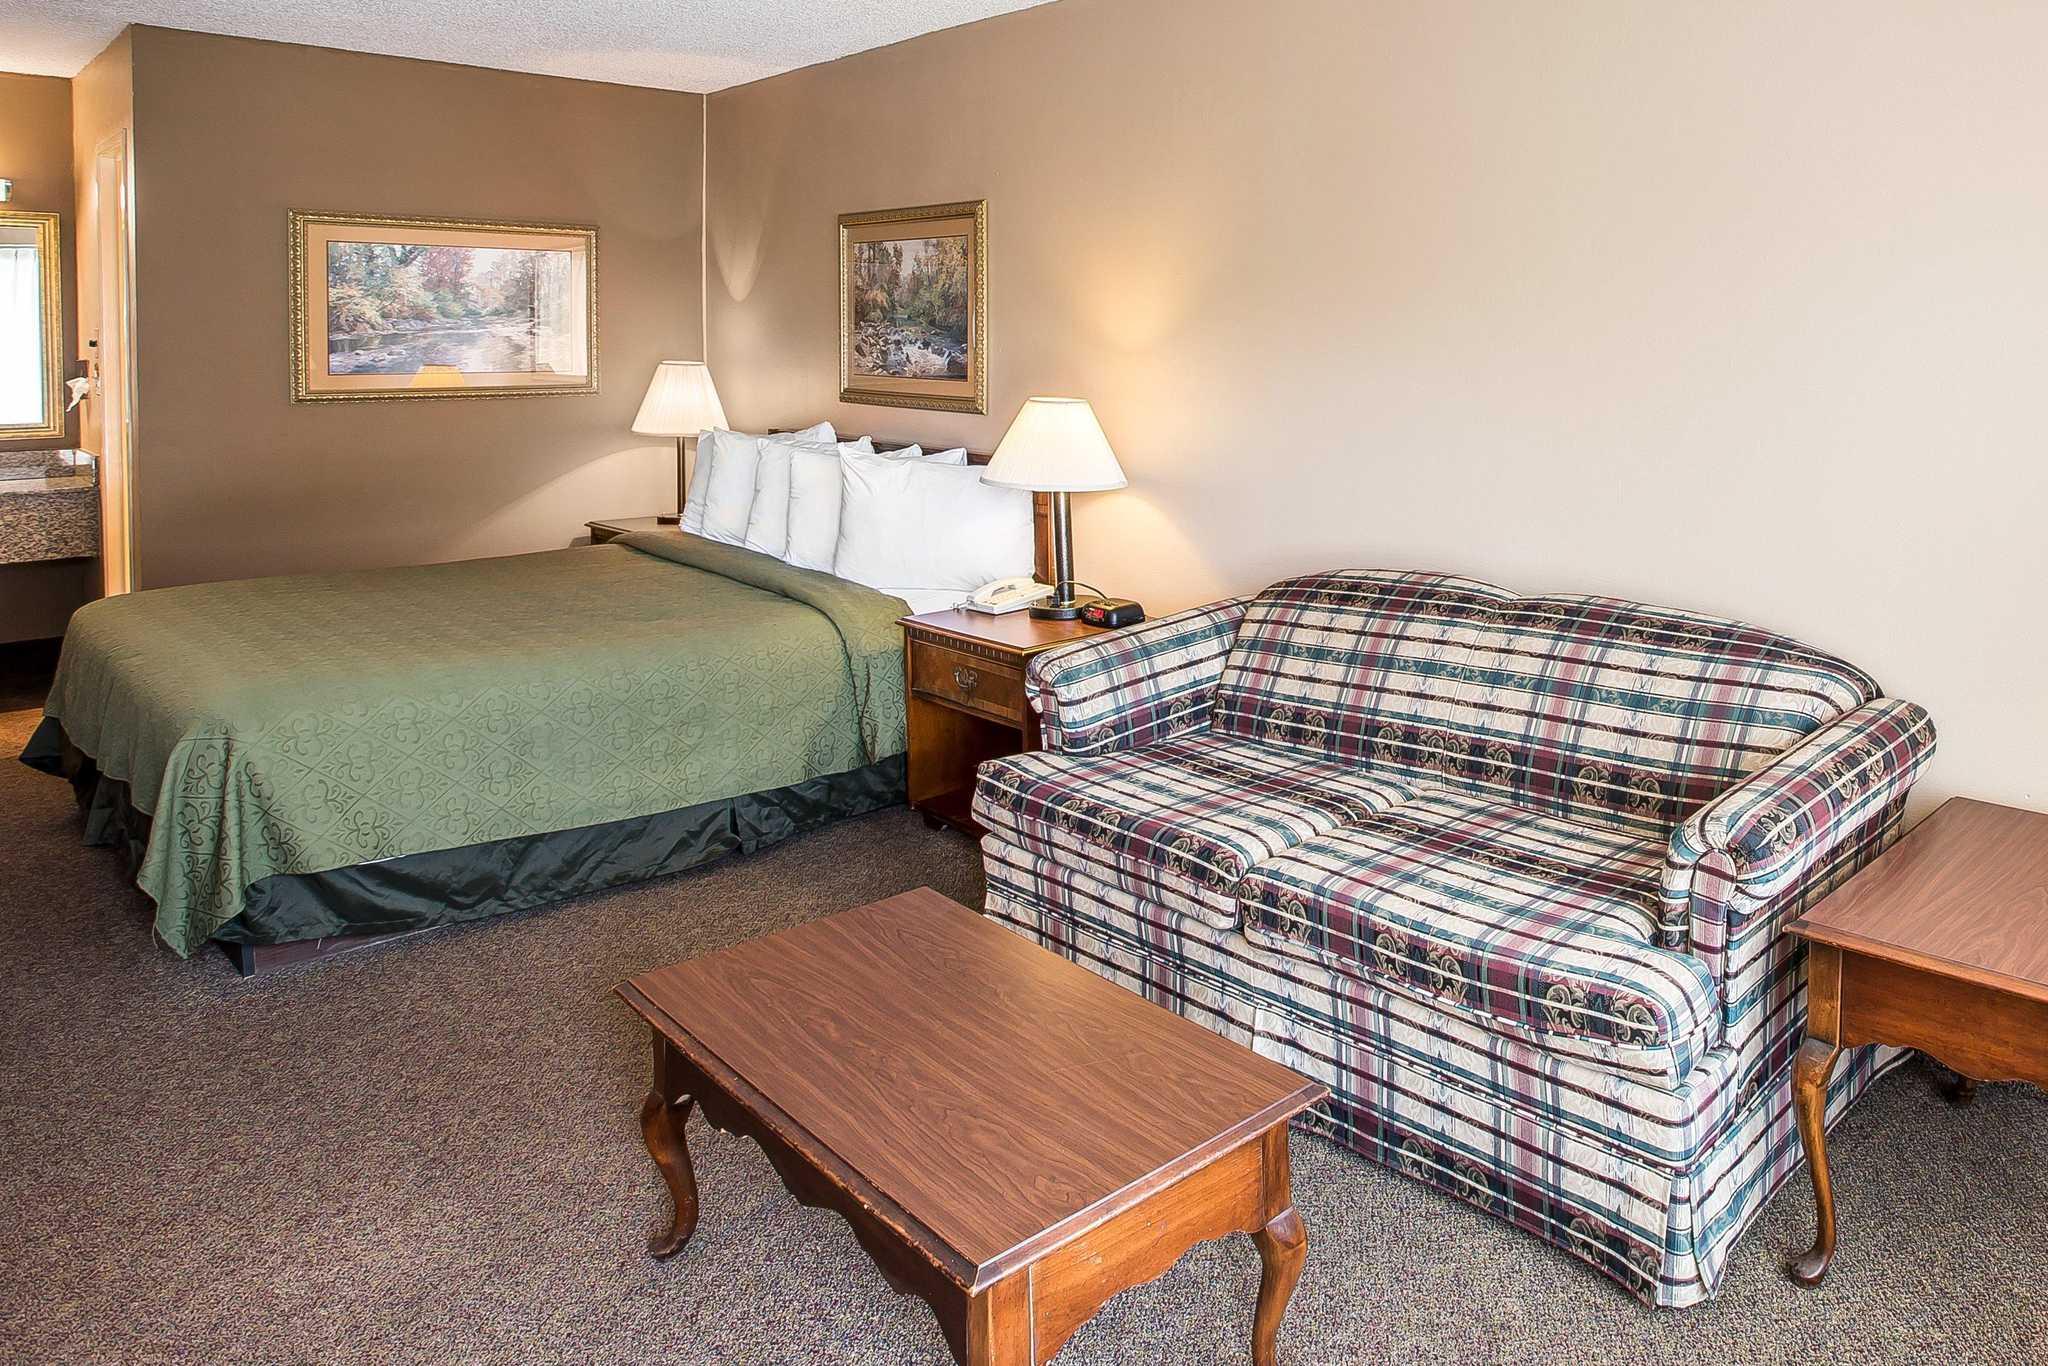 Quality Inn & Suites Mt. Chalet image 7